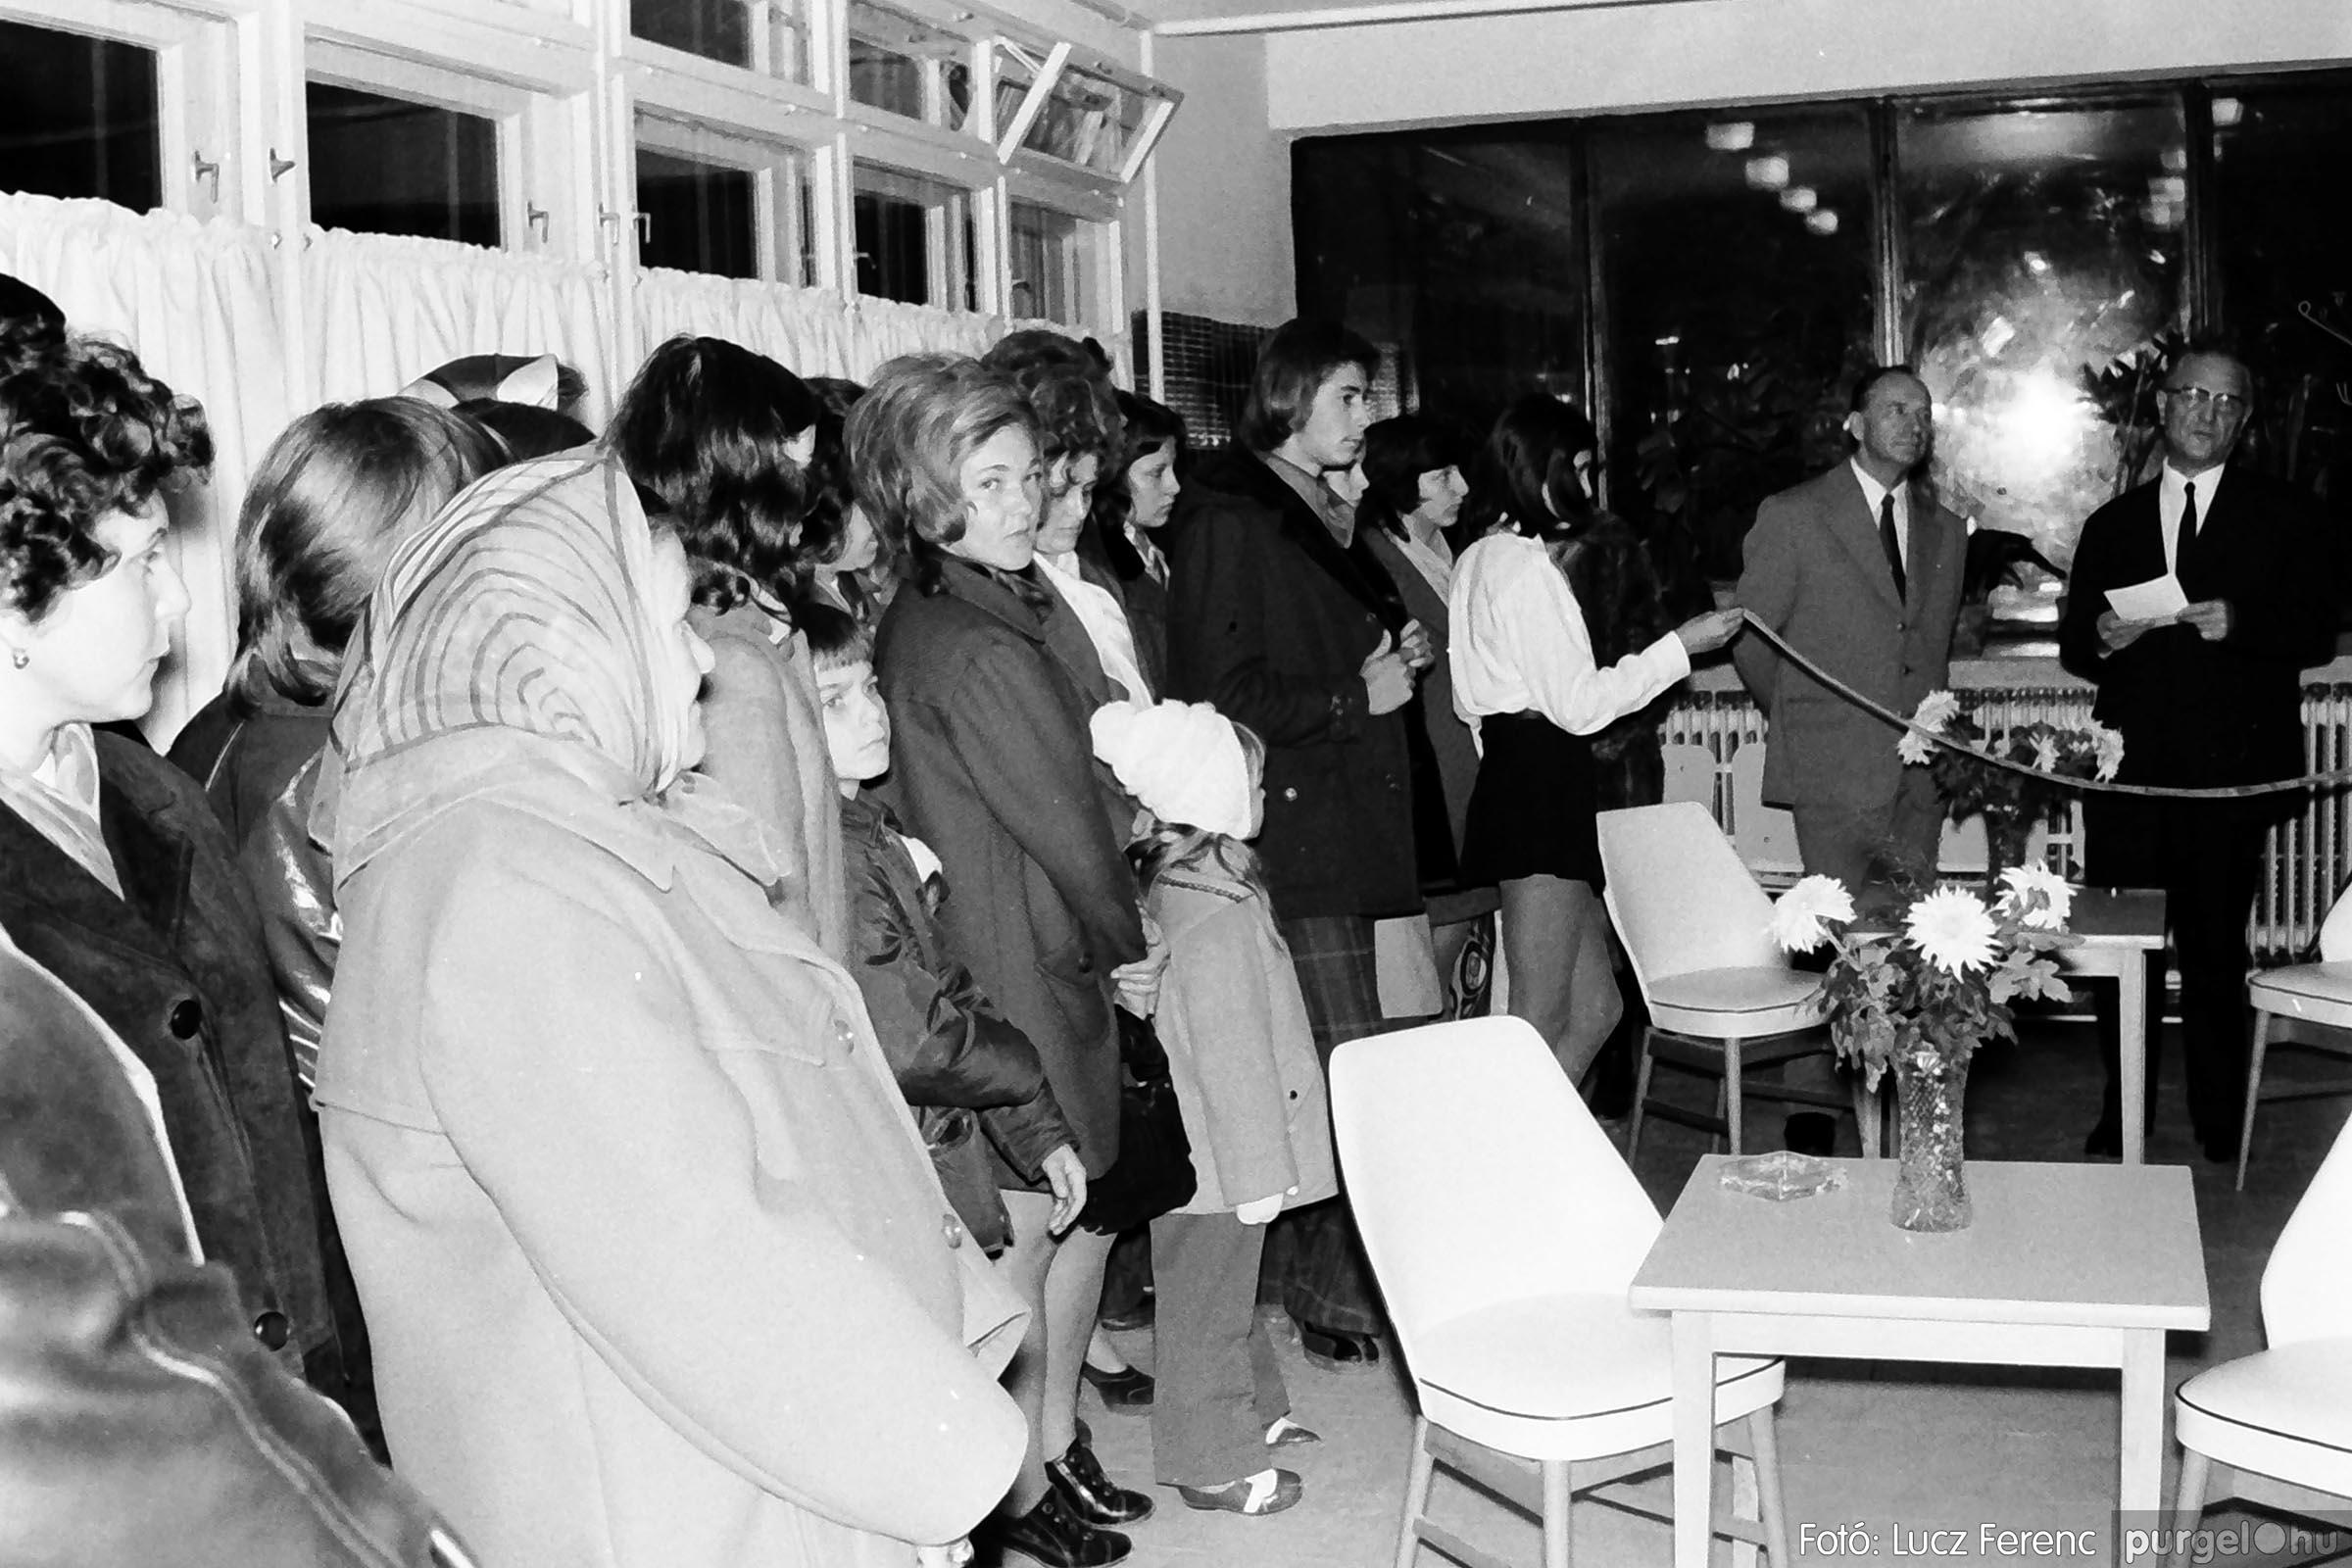 002 1970-es évek - Orvosi rendelő épületének átadása 006 - Fotó: Lucz Ferenc - IMG01104q.jpg